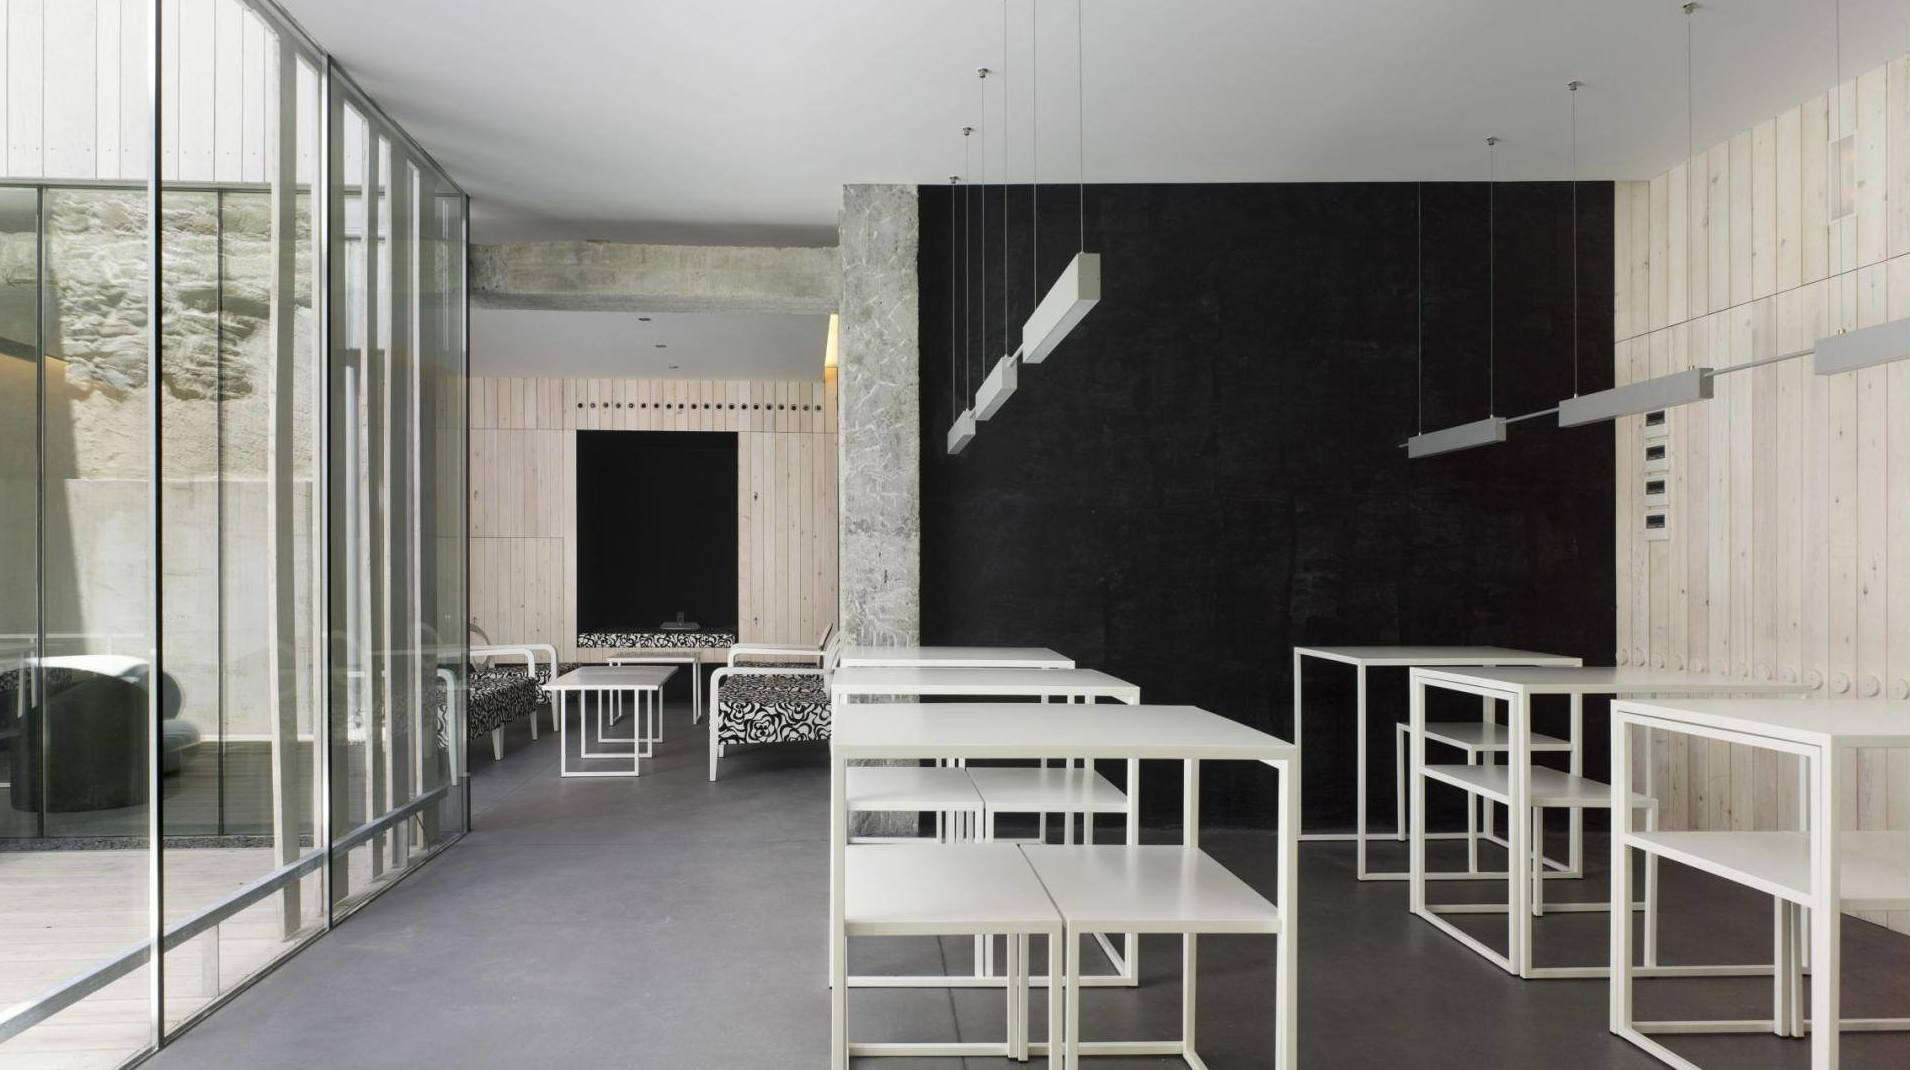 Foto 5 de Carpintería de aluminio, metálica y PVC en San Miguel de Abona | Muniglass